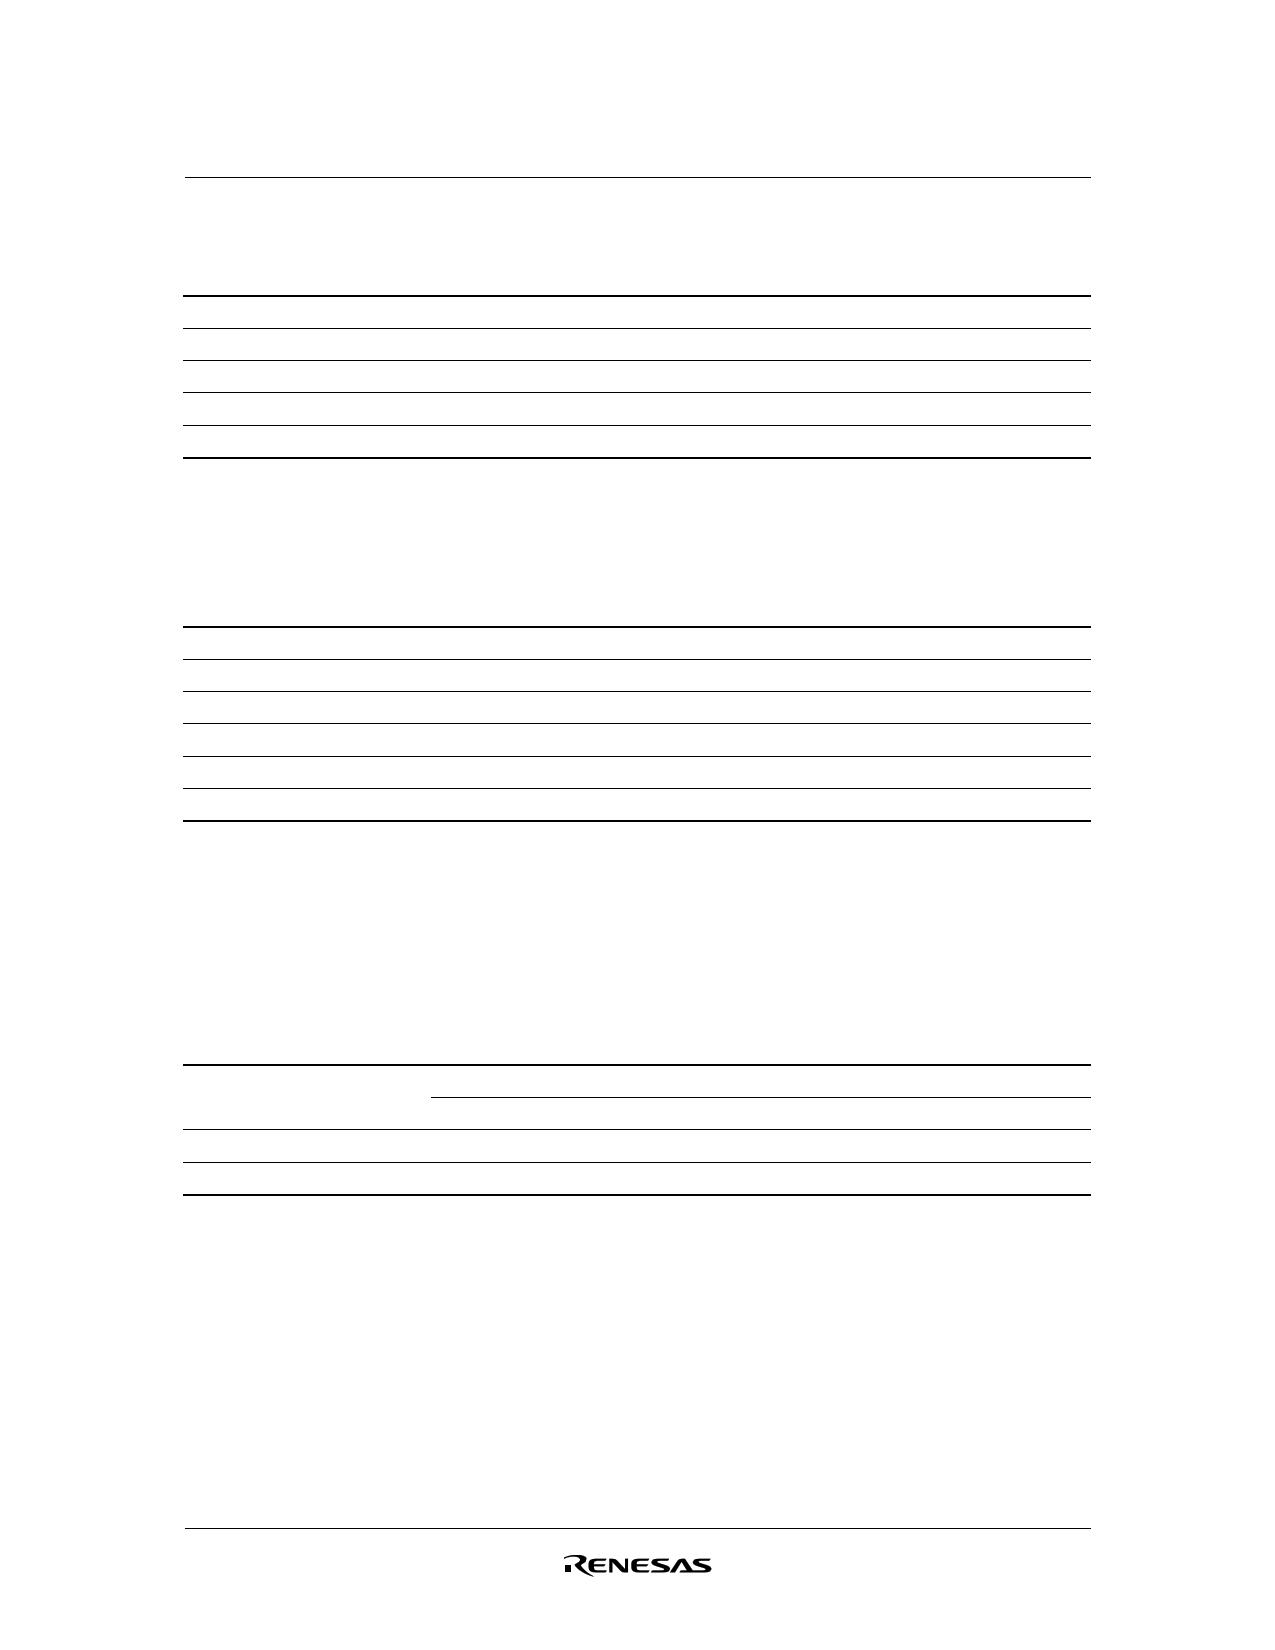 R1LV0408CSA-7LI pdf